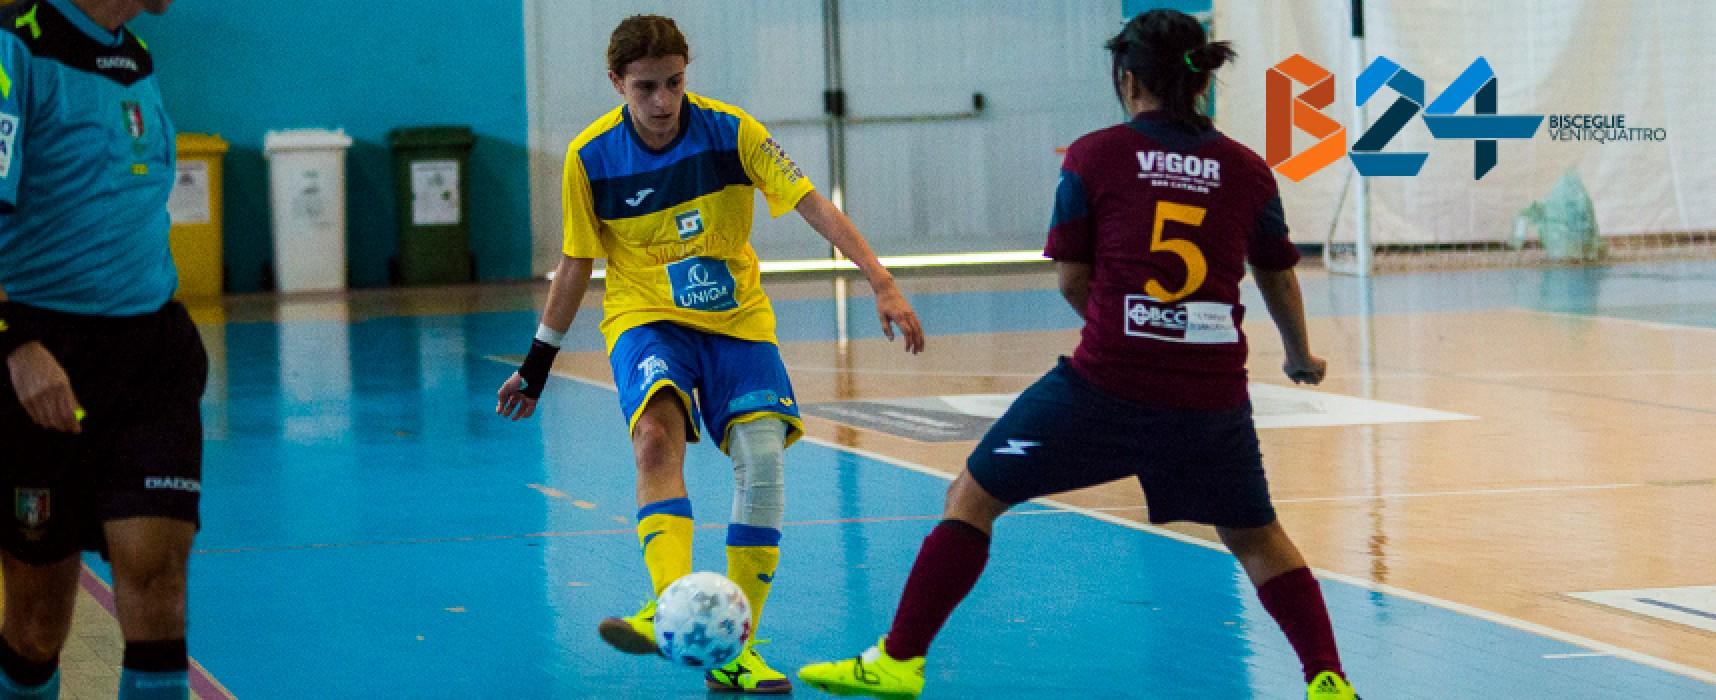 Arcadia e Futsal Bisceglie femminile oggi in cerca di riscatto dopo le sconfitte dell'ultimo turno